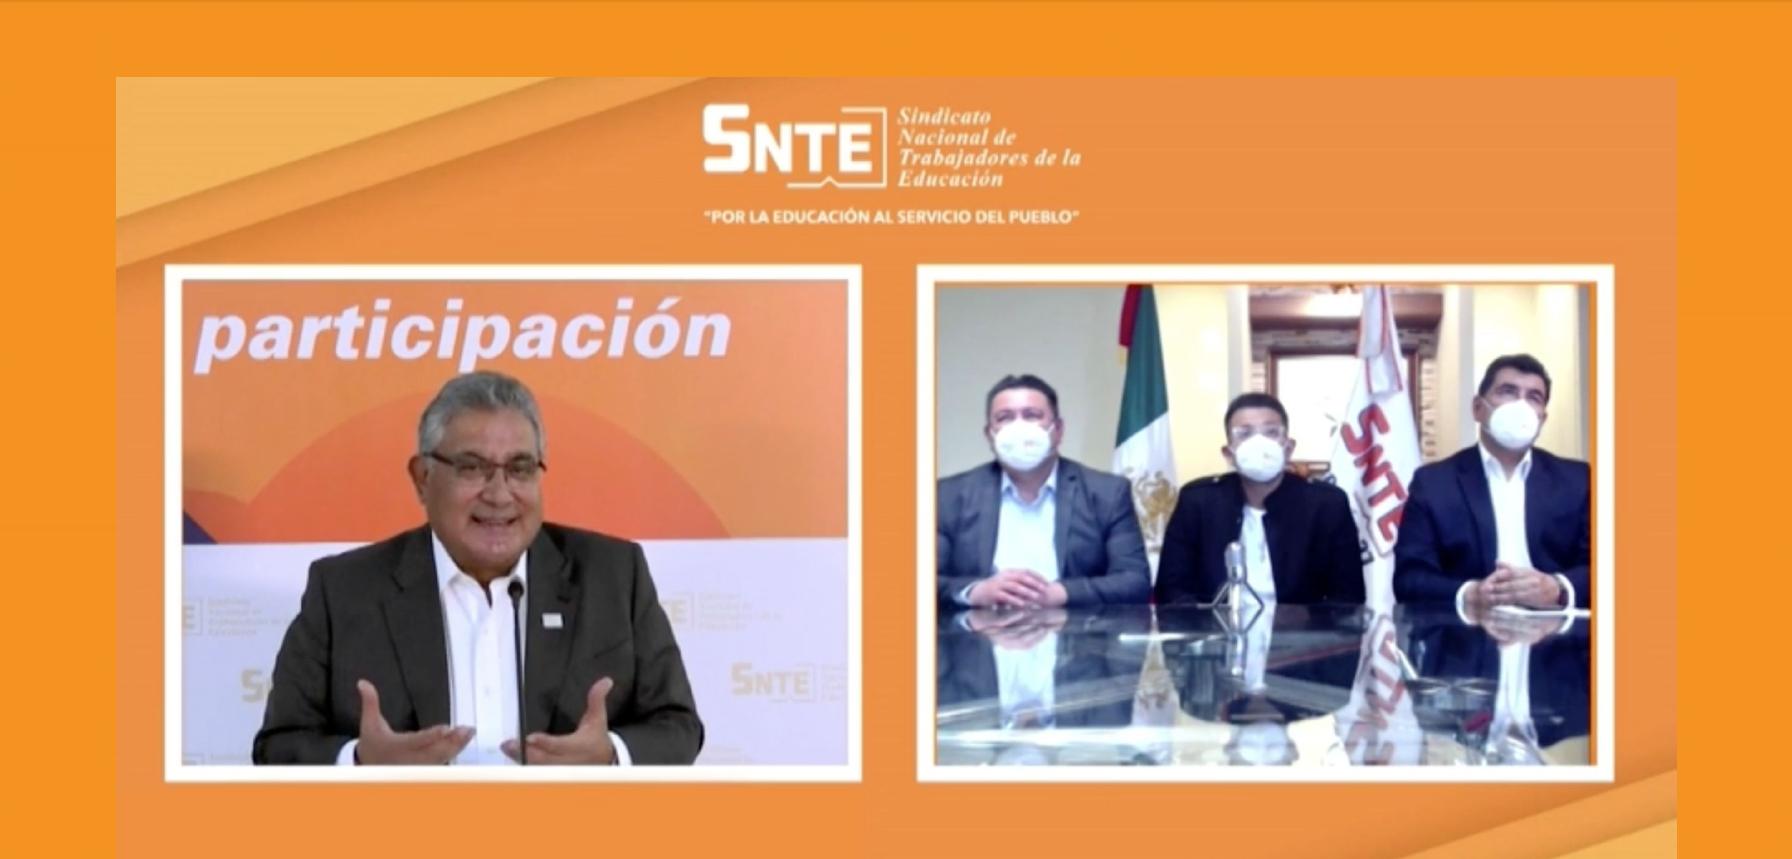 SNTE: Entrevista Julio Urías